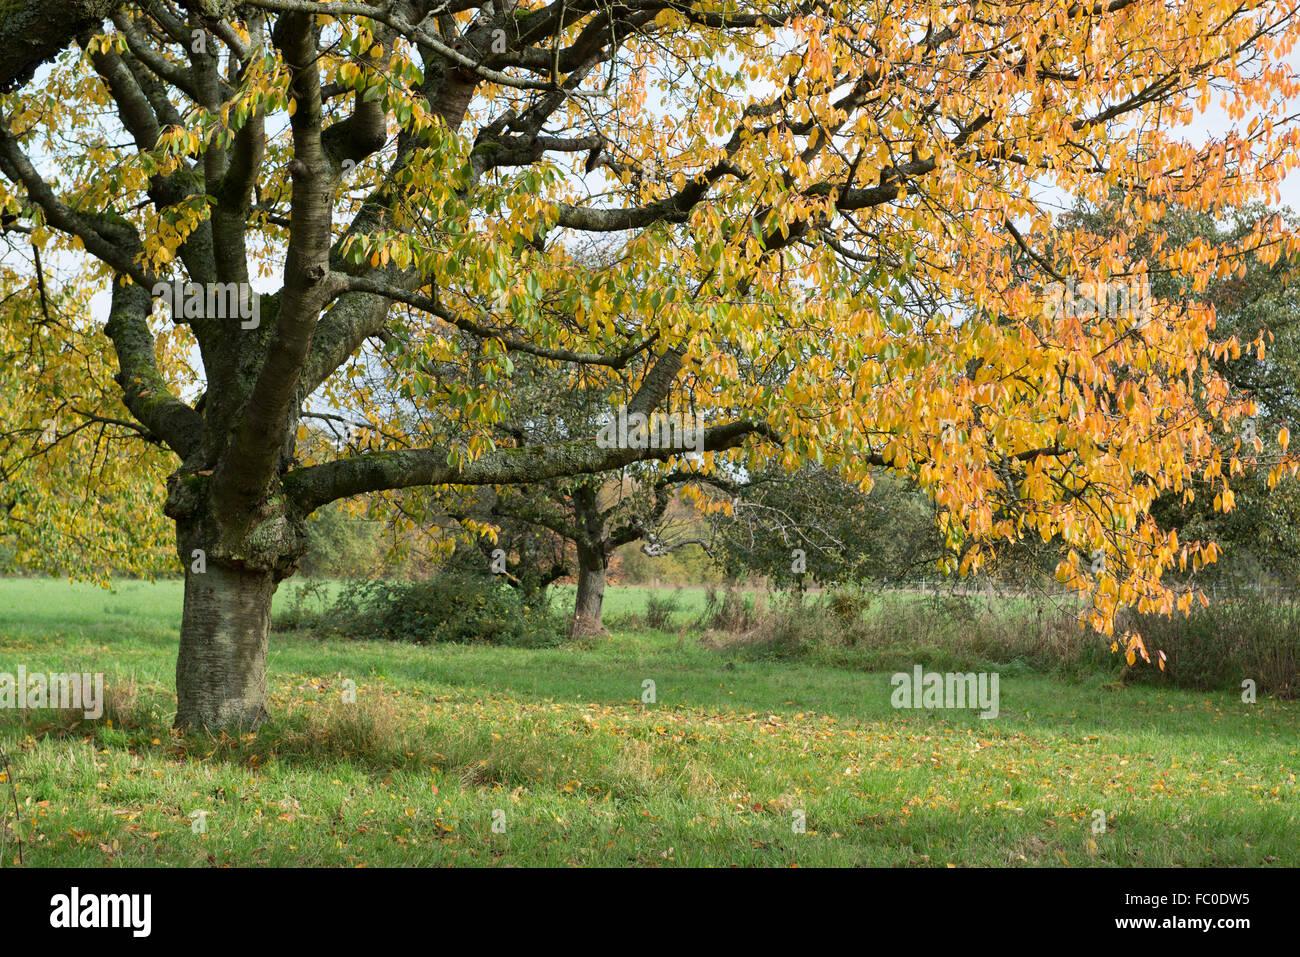 Cherry Tree In Autumn Stock Photos & Cherry Tree In Autumn Stock ...